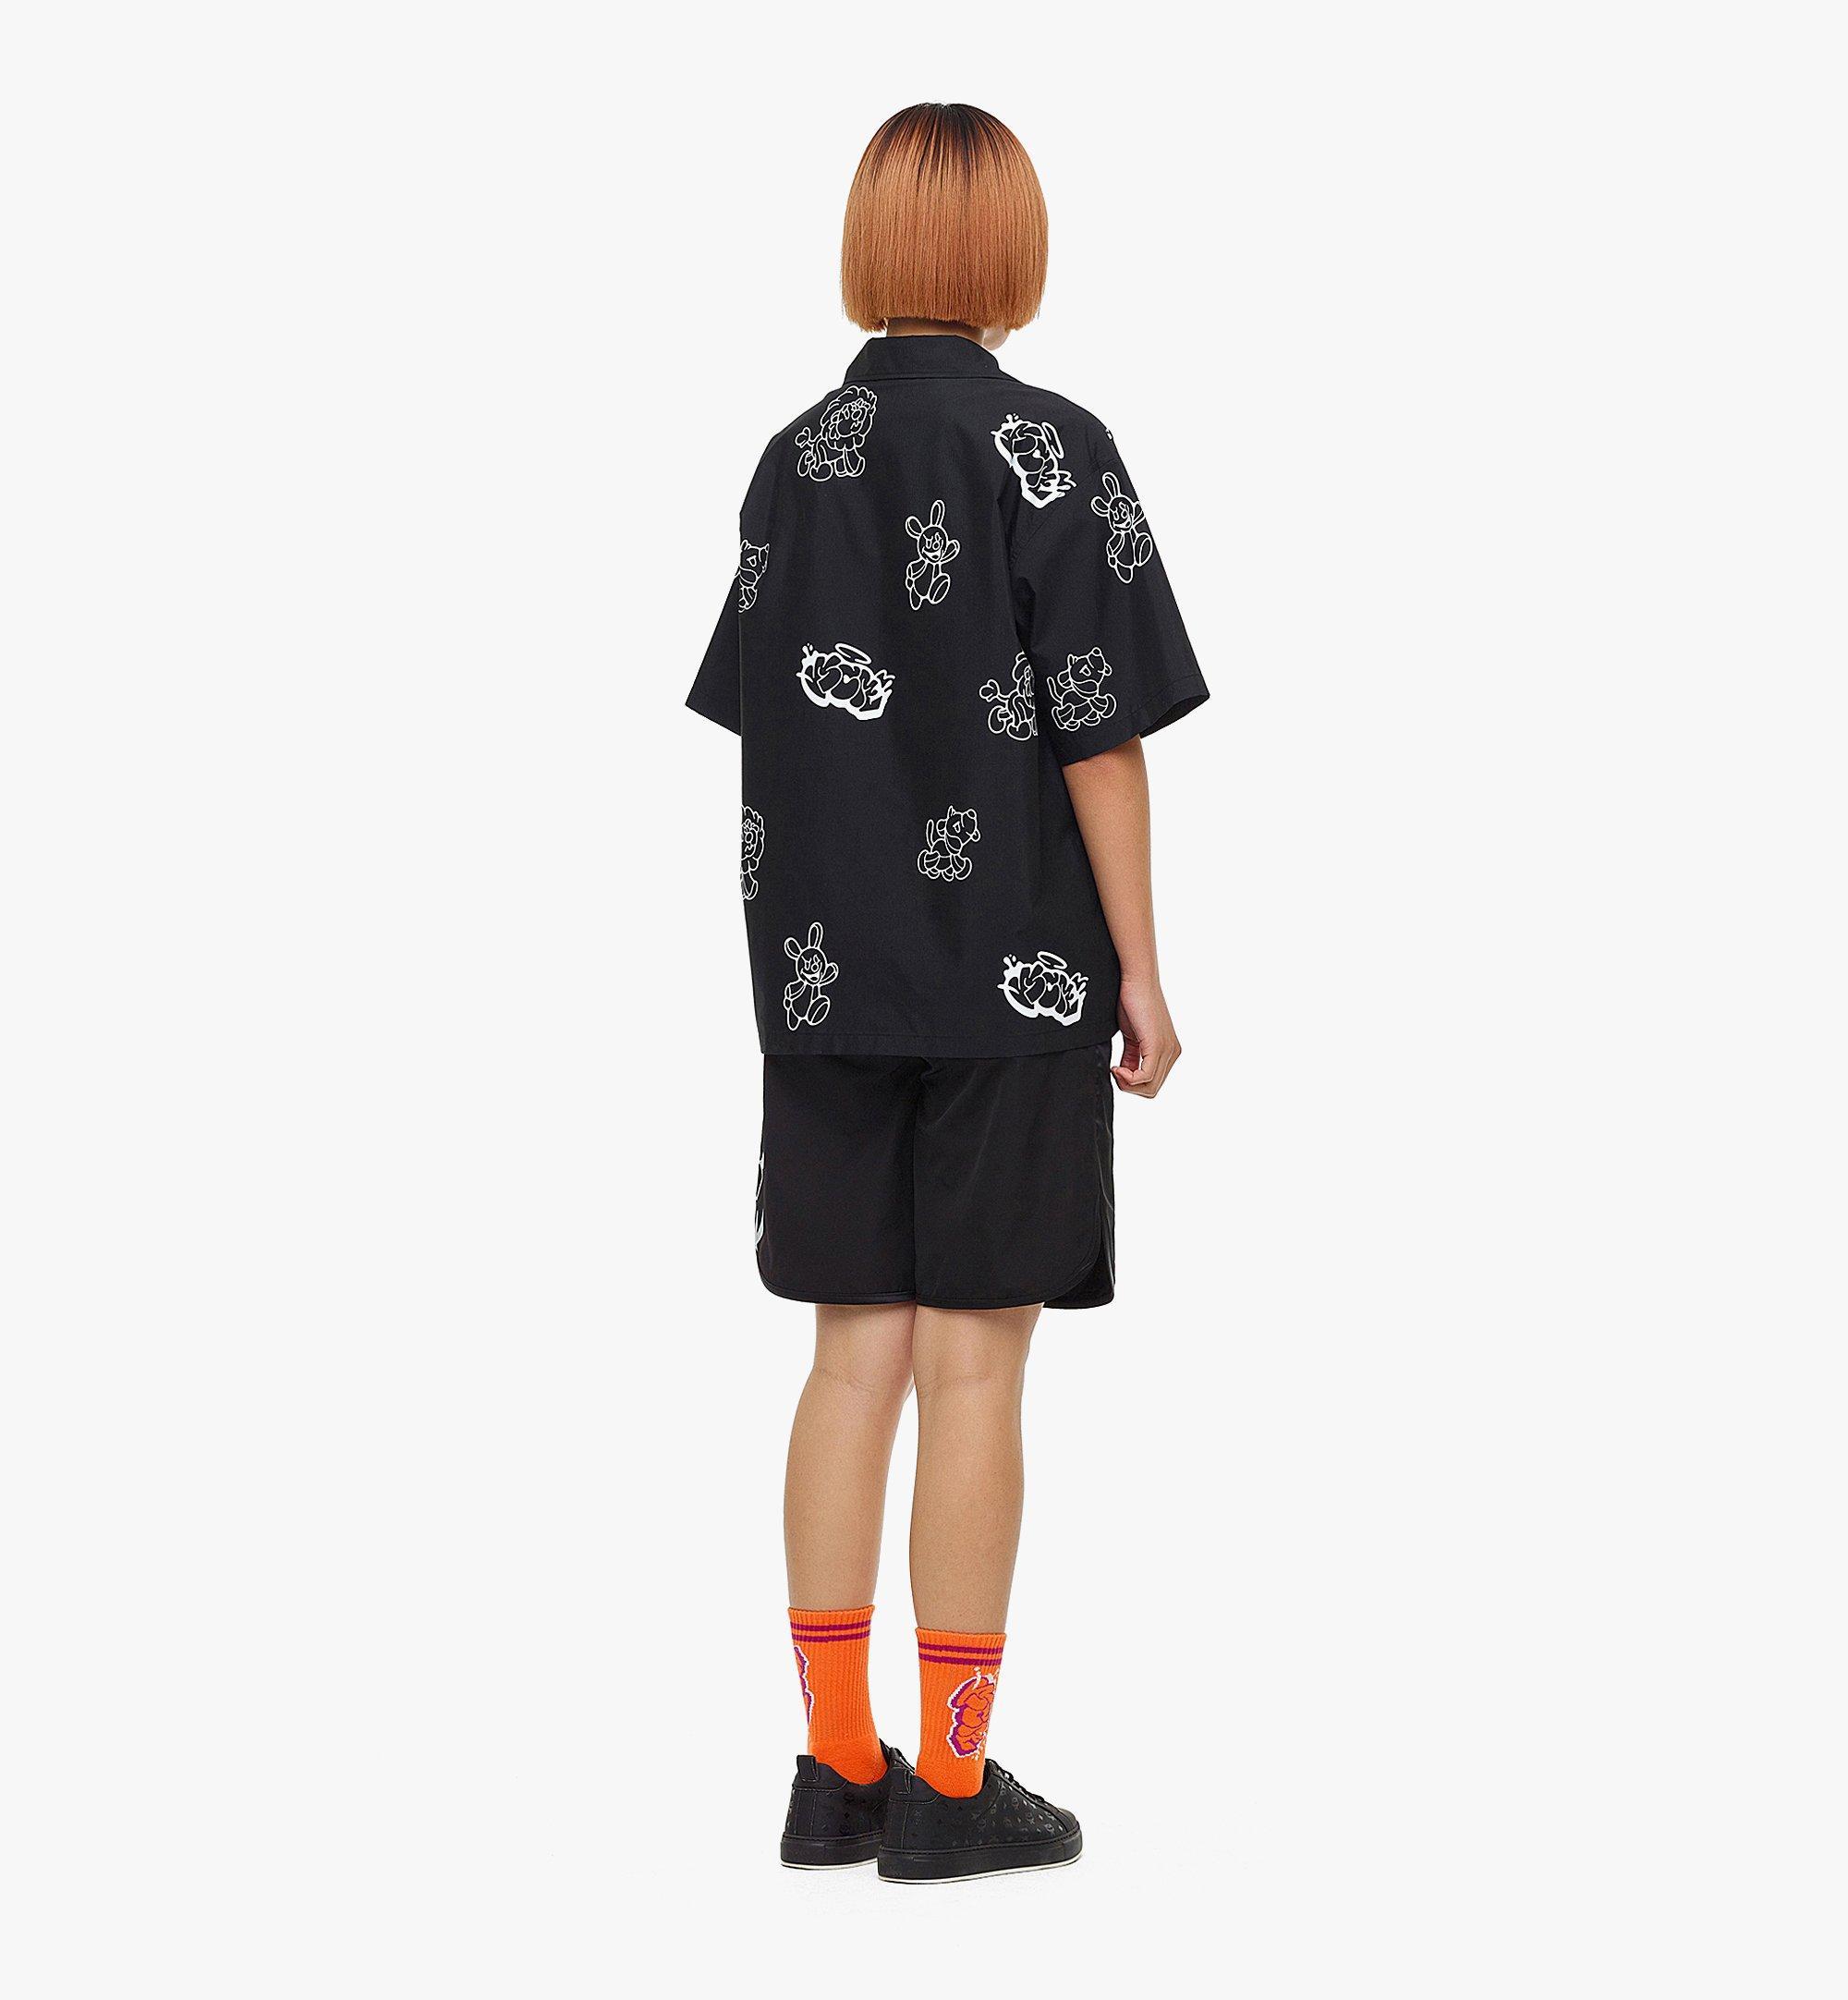 MCM MCM x SAMBYPEN 男士短袖襯衫 Black MHHBASP01BK00L 更多視圖 6